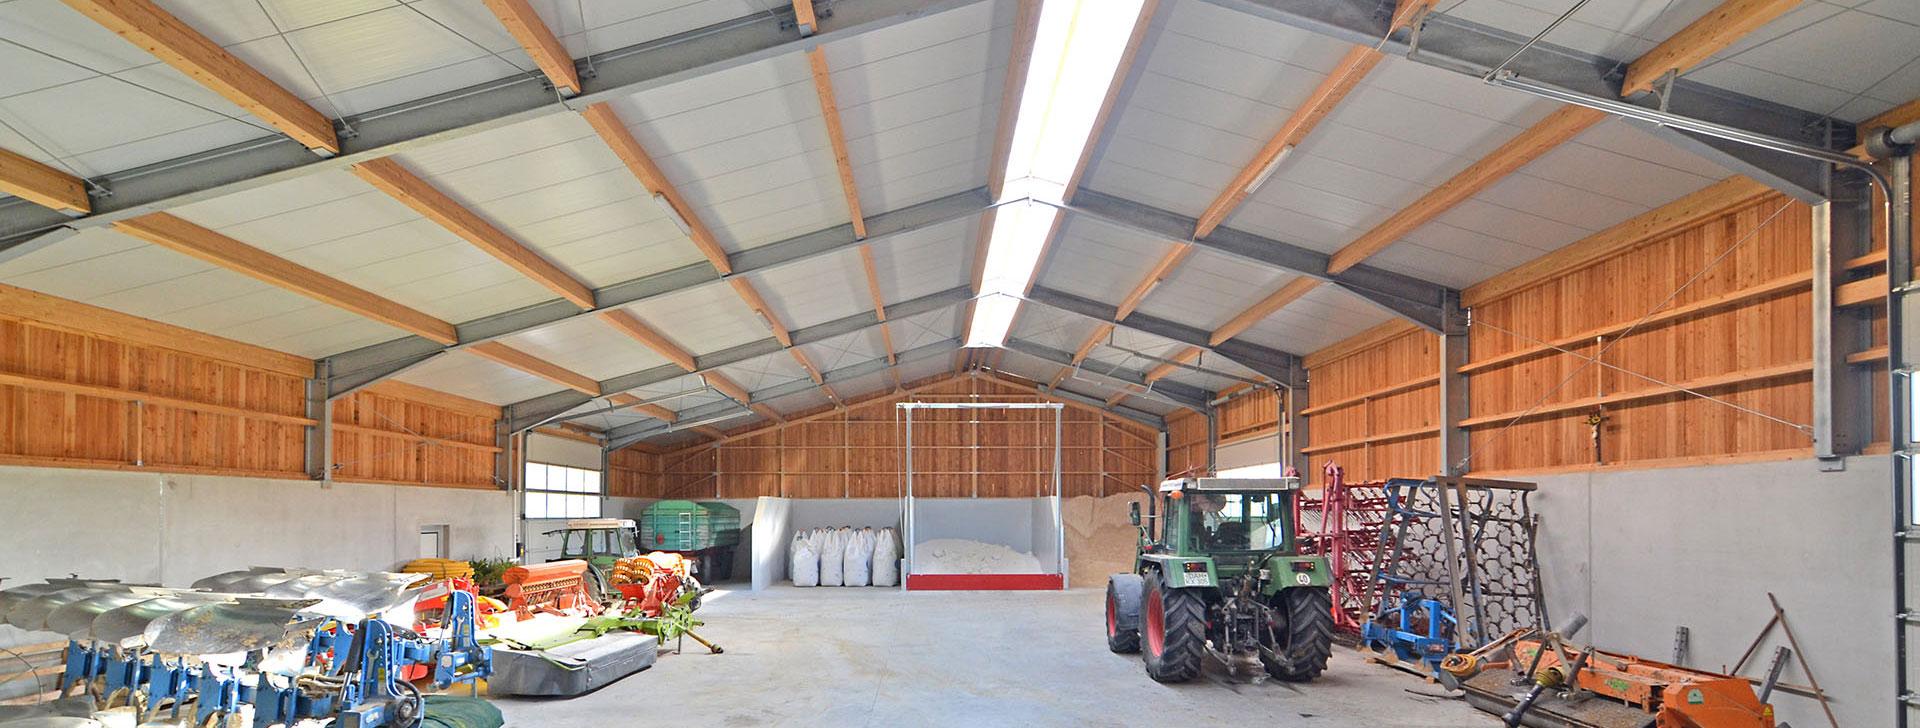 Lagerhalle mit Stahlrahmen